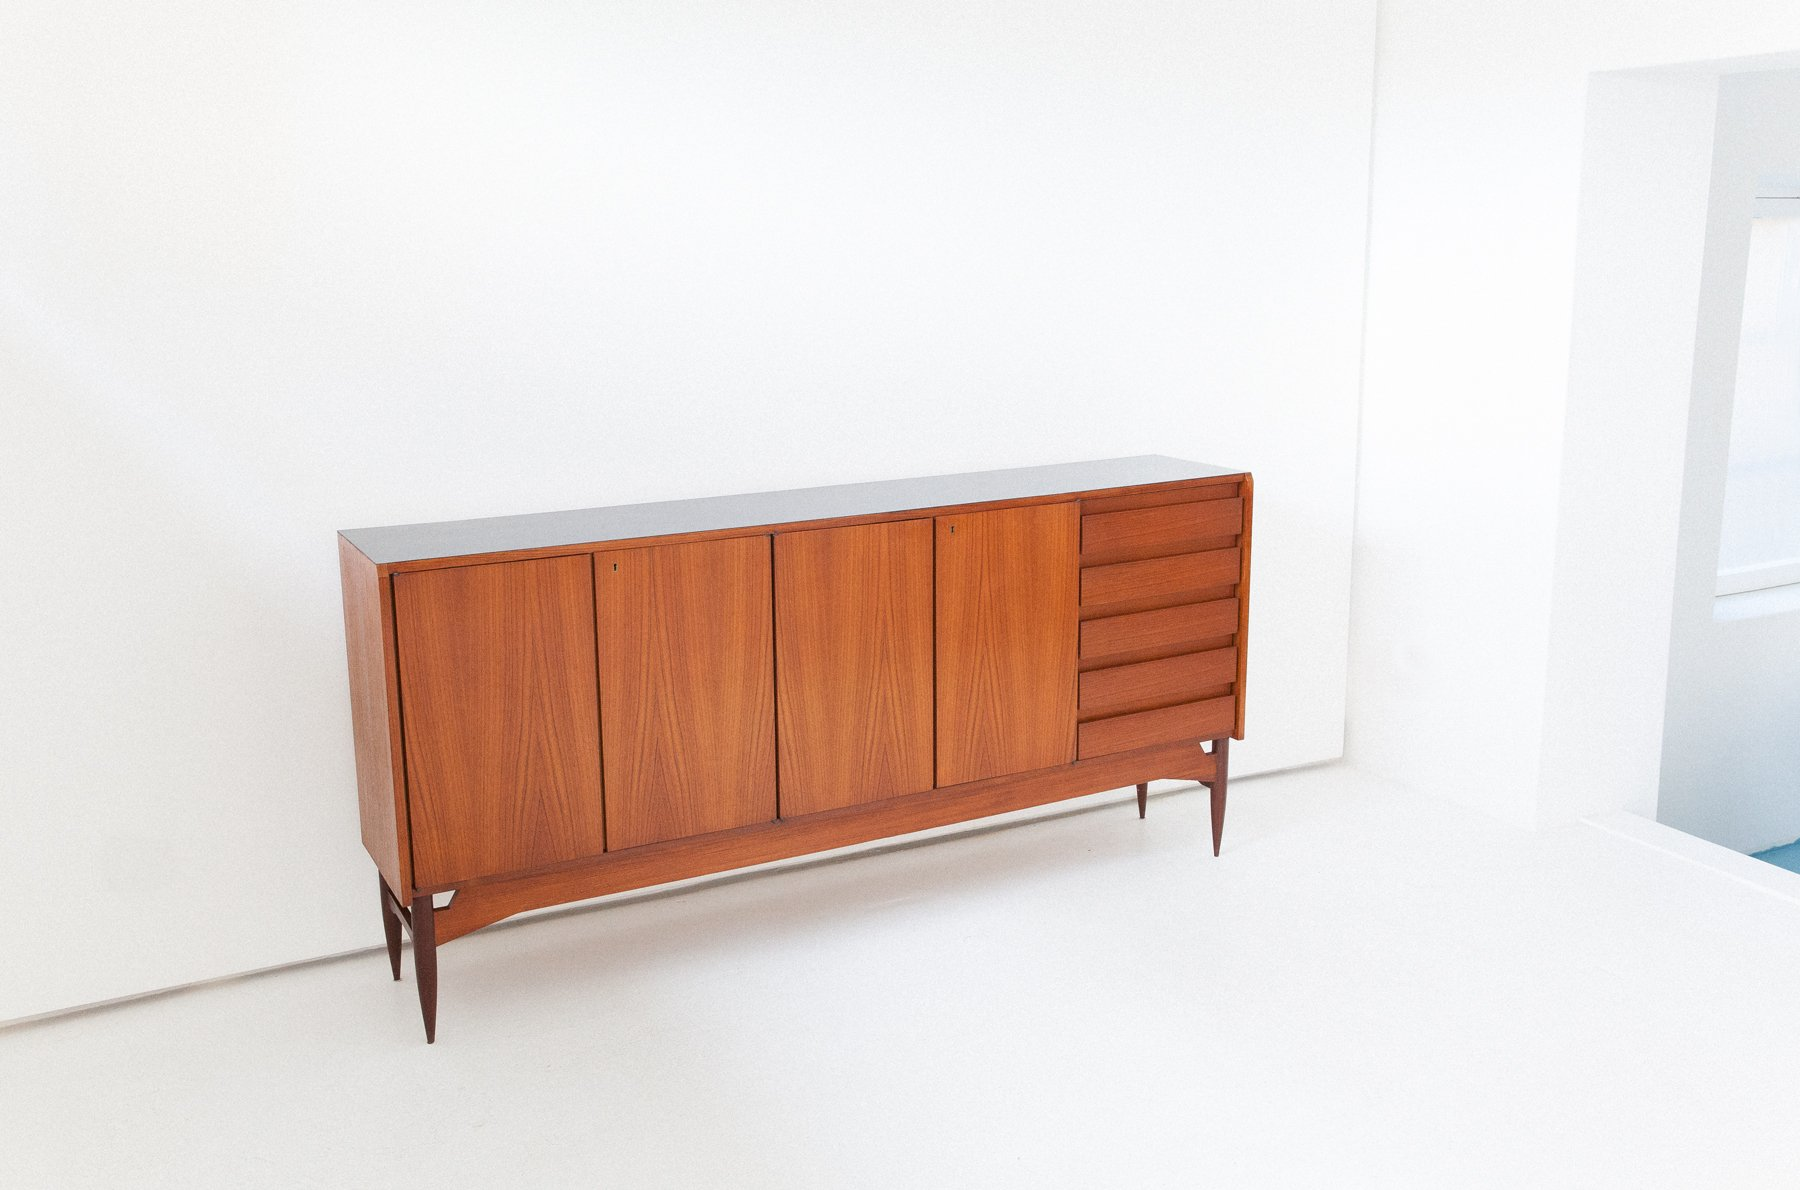 italienisches teak sideboard mit schwarzer oberseite 1950er bei pamono kaufen. Black Bedroom Furniture Sets. Home Design Ideas